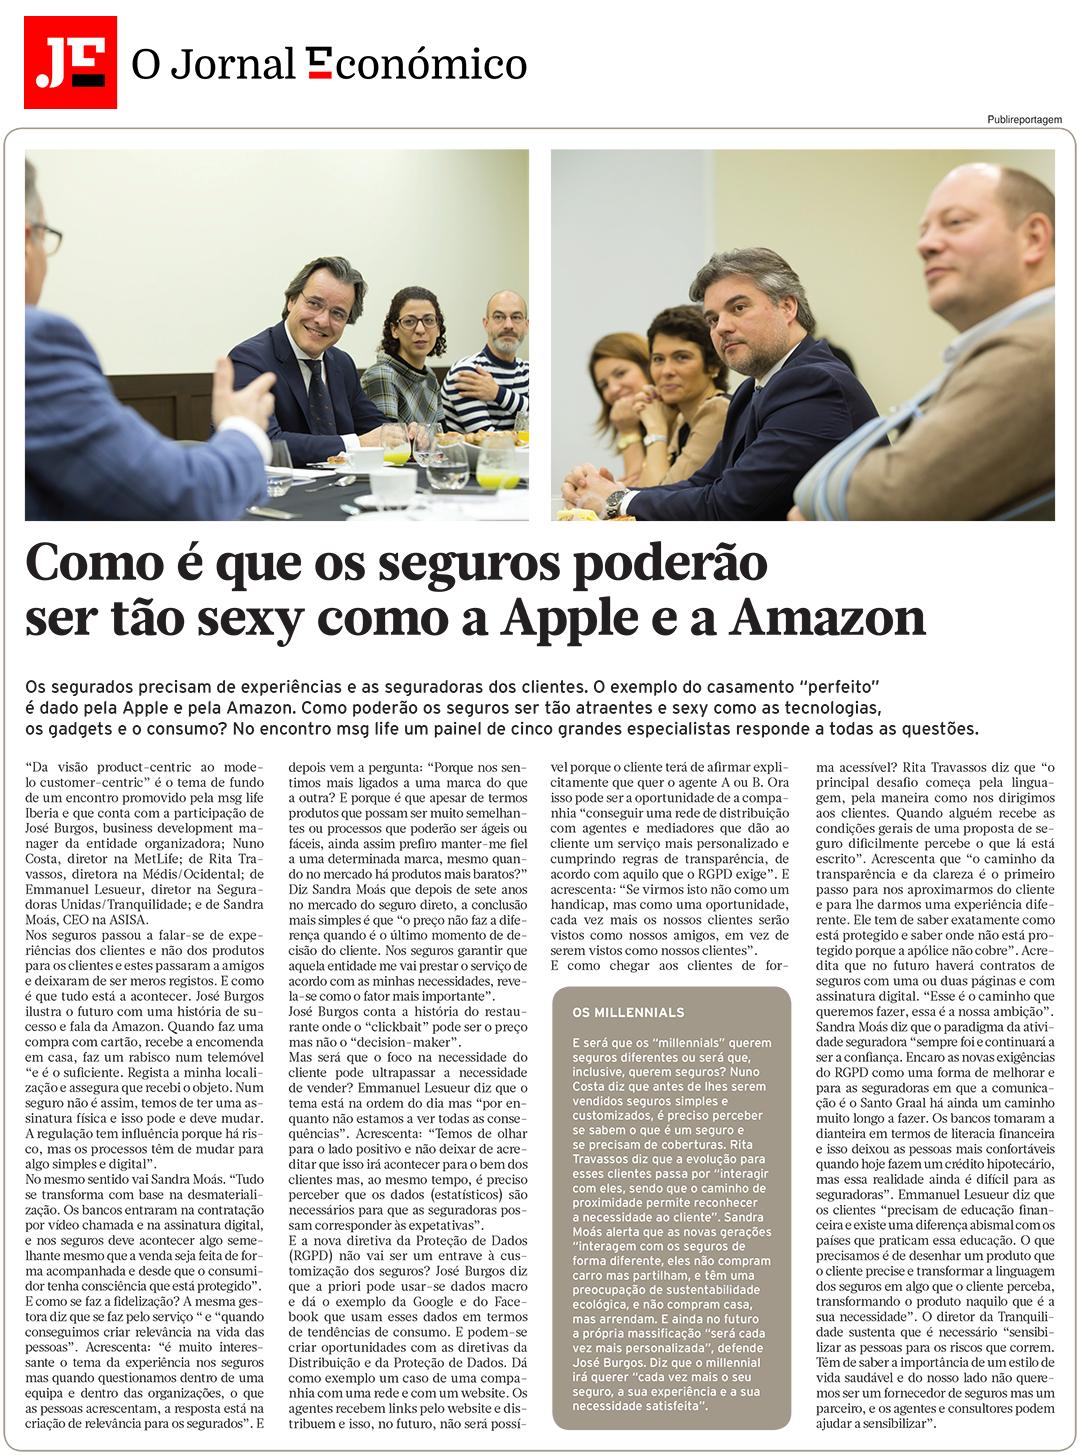 20180406 Jornal Economico - Edição Impressa